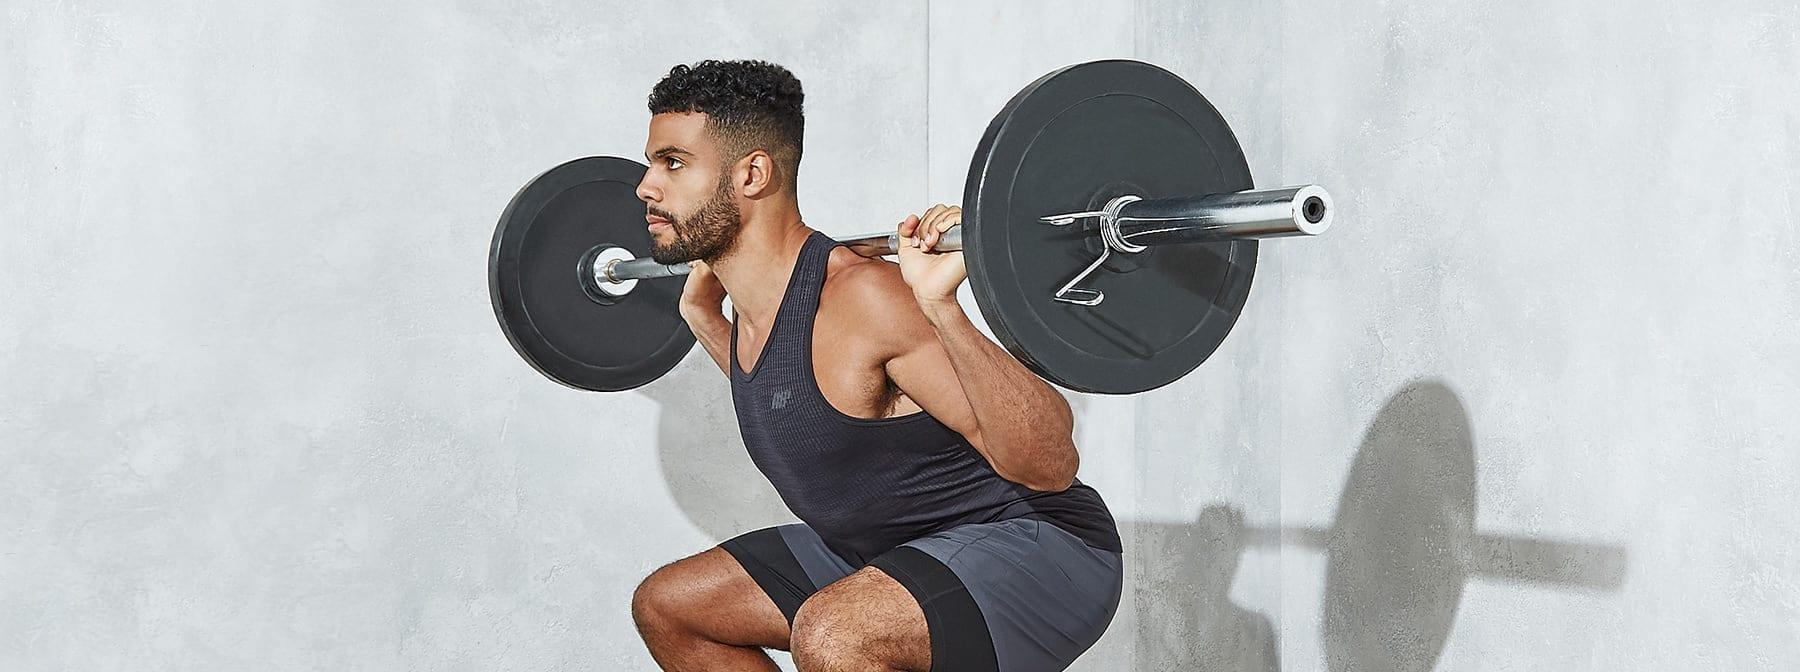 Comment faire des squats : le guide complet